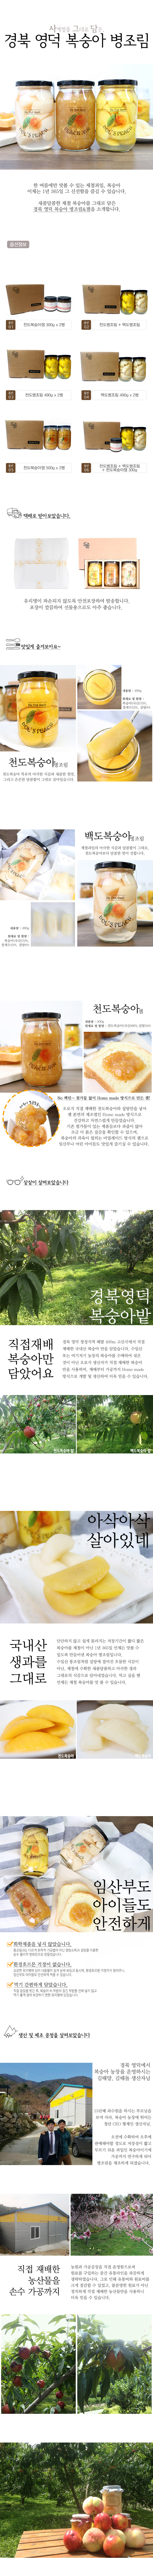 [미스터돌]직접 재배하여 만든 복숭아 병조림과 잼 - 테이스티푸드, 18,900원, 통조림/캔, 황도/파인애플/과일통조림